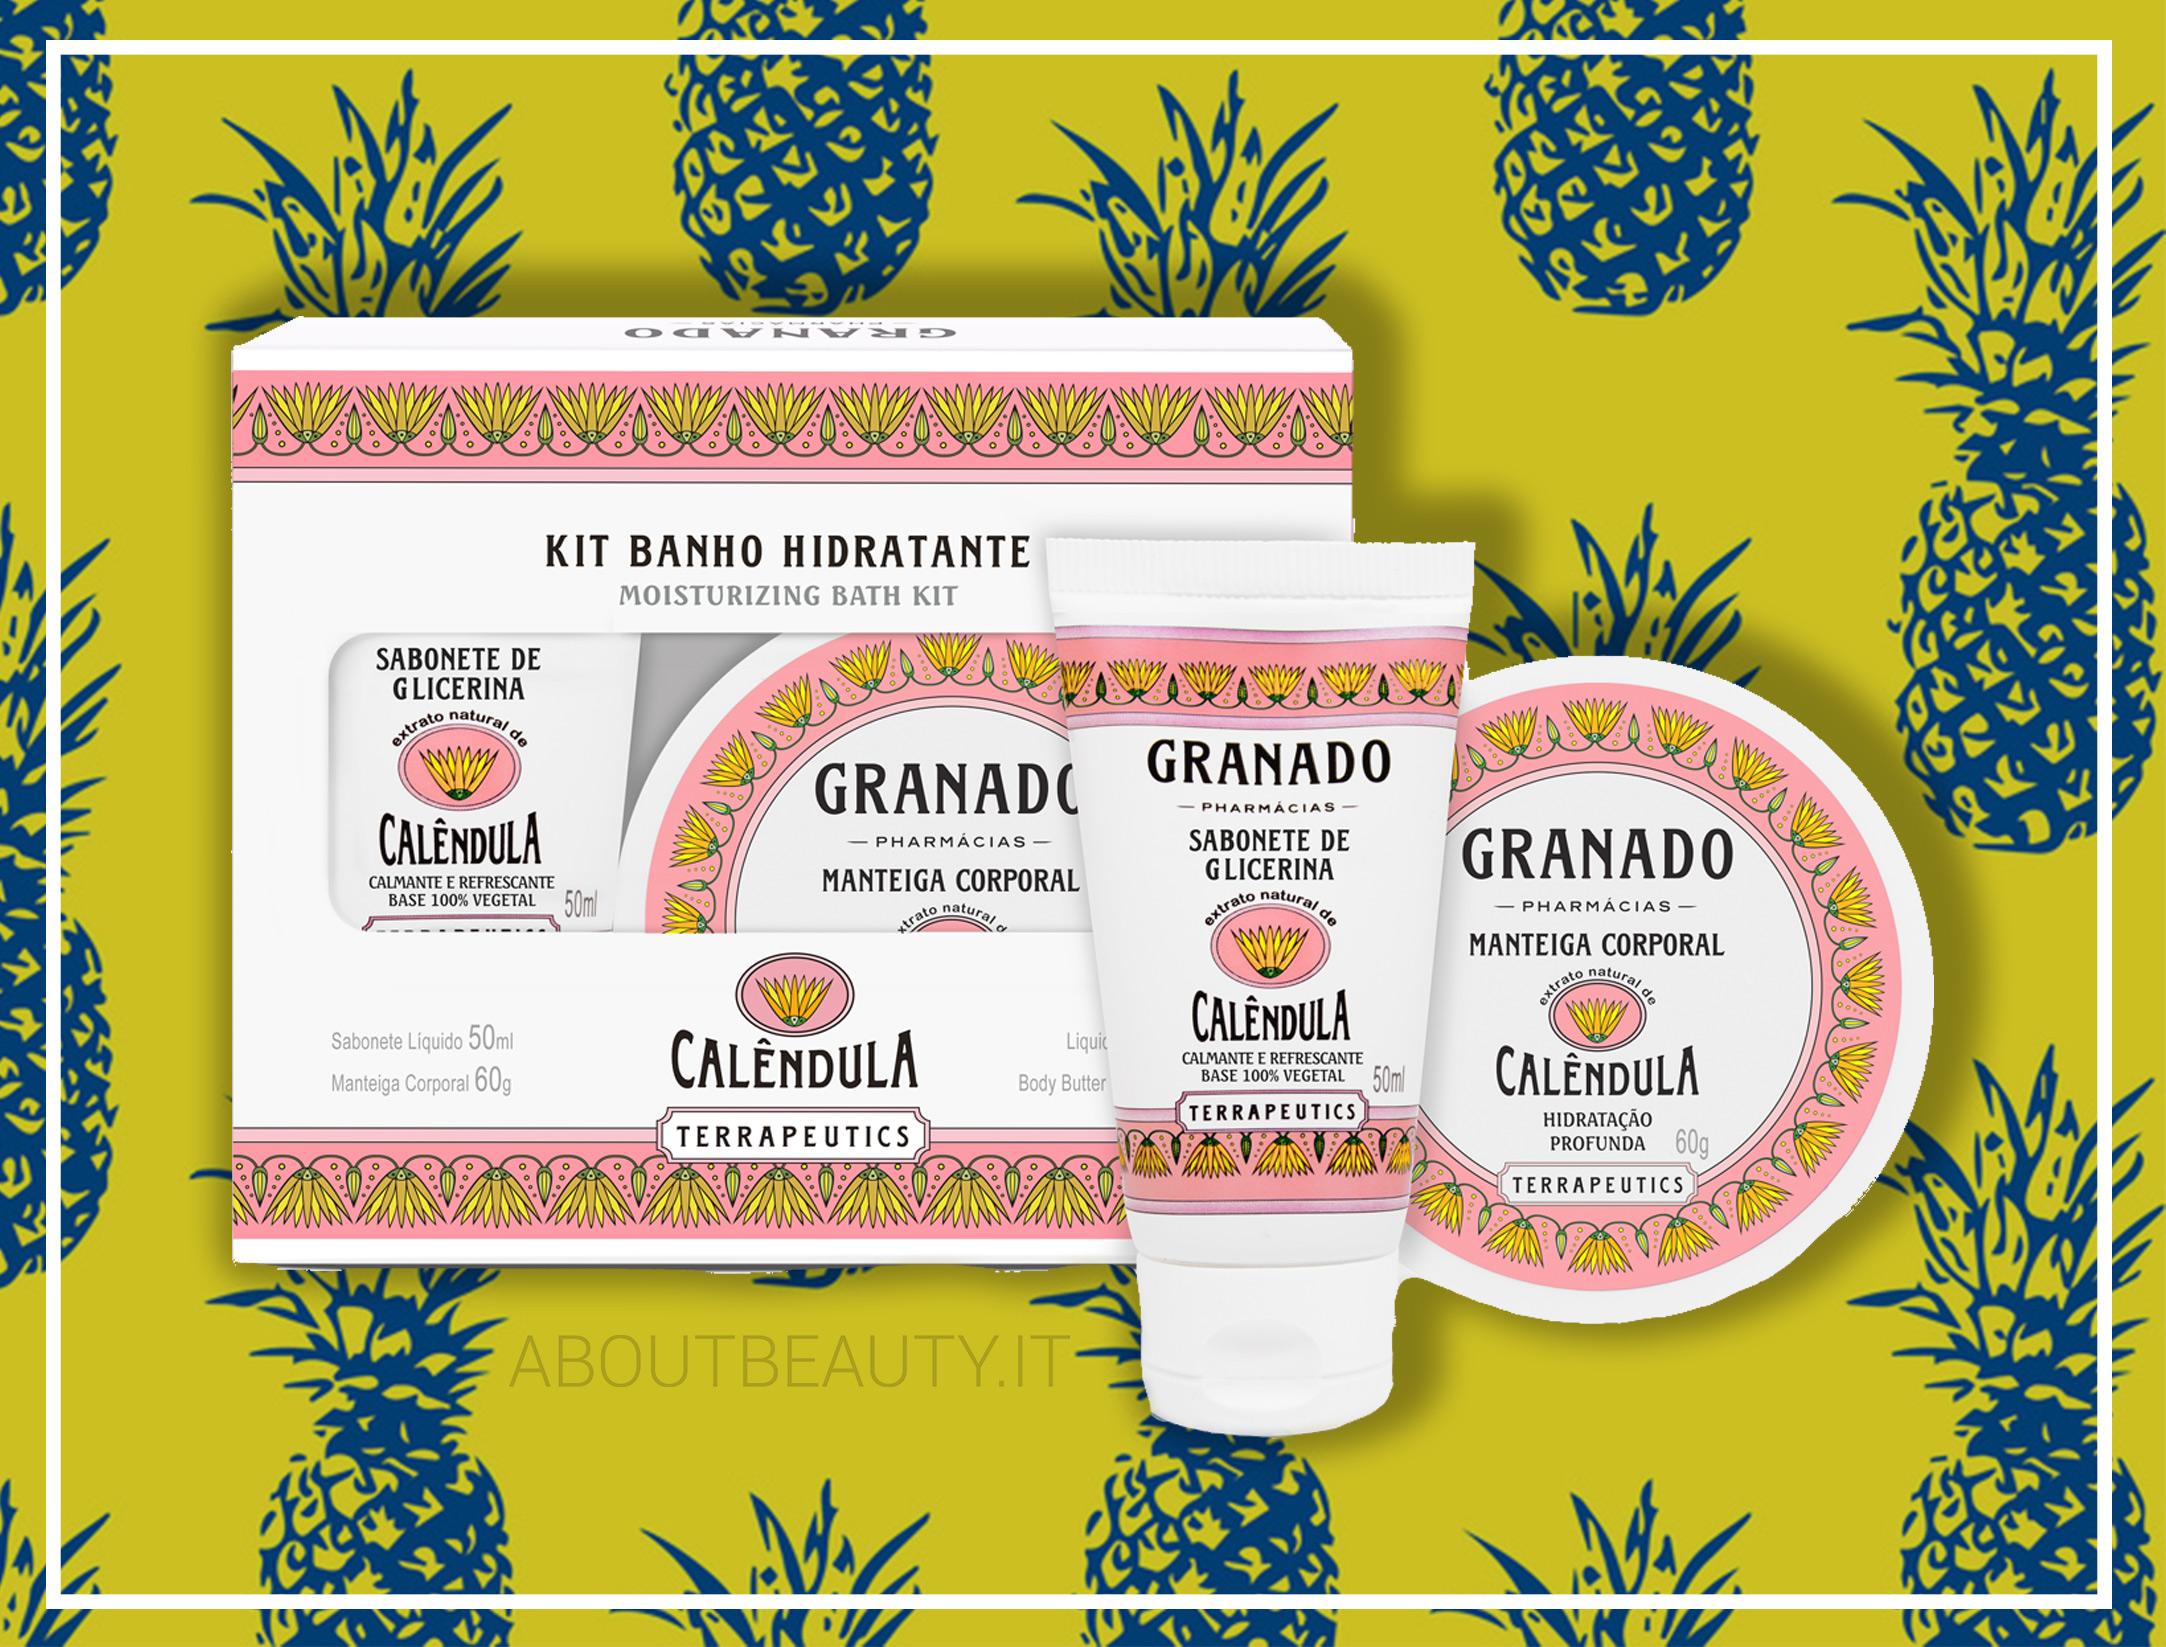 Granado Pharmacias, la nuova linea di skincare brasiliana in arrivo da Sephora - Review, recensione, opinioni, info, prezzo, dove acquistare